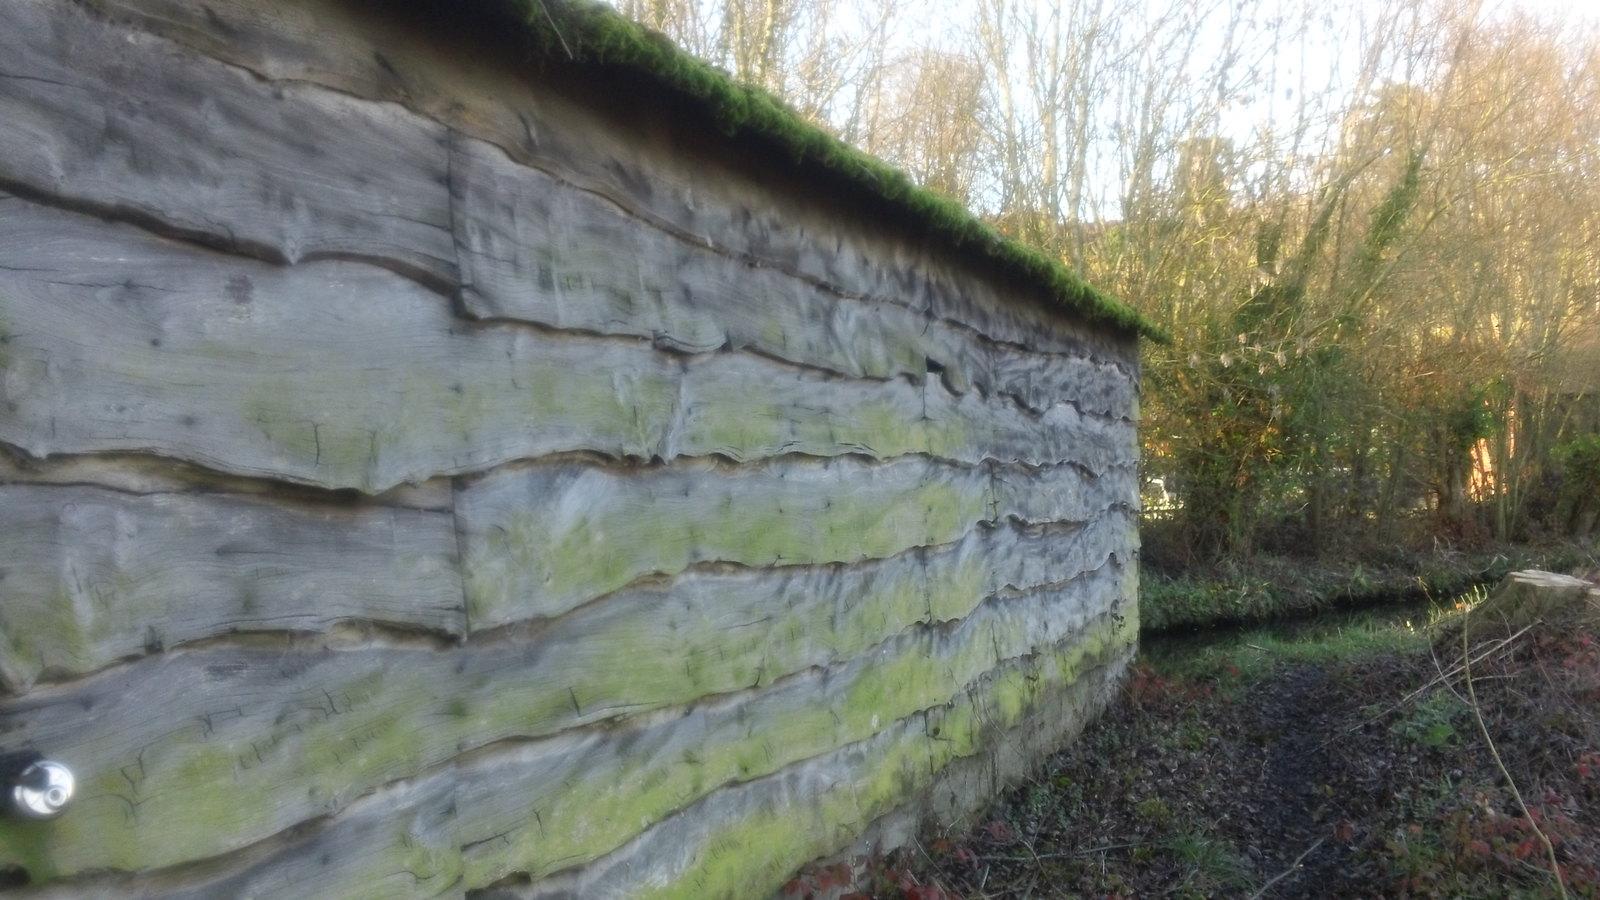 Hut wall